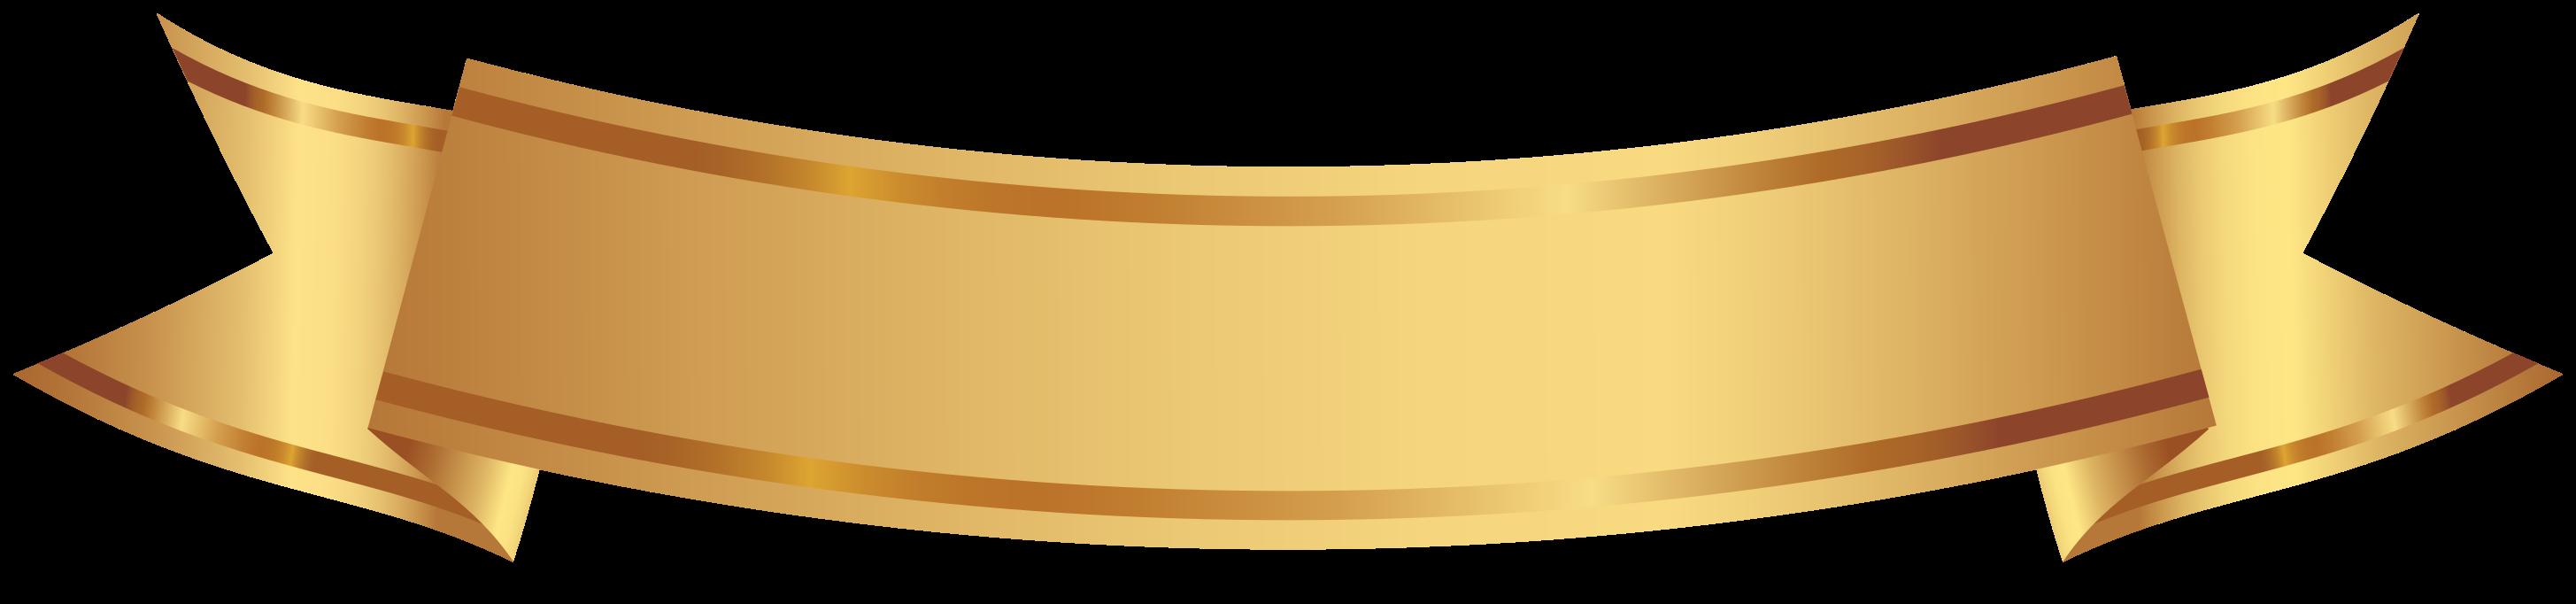 banner decorativo dorado png